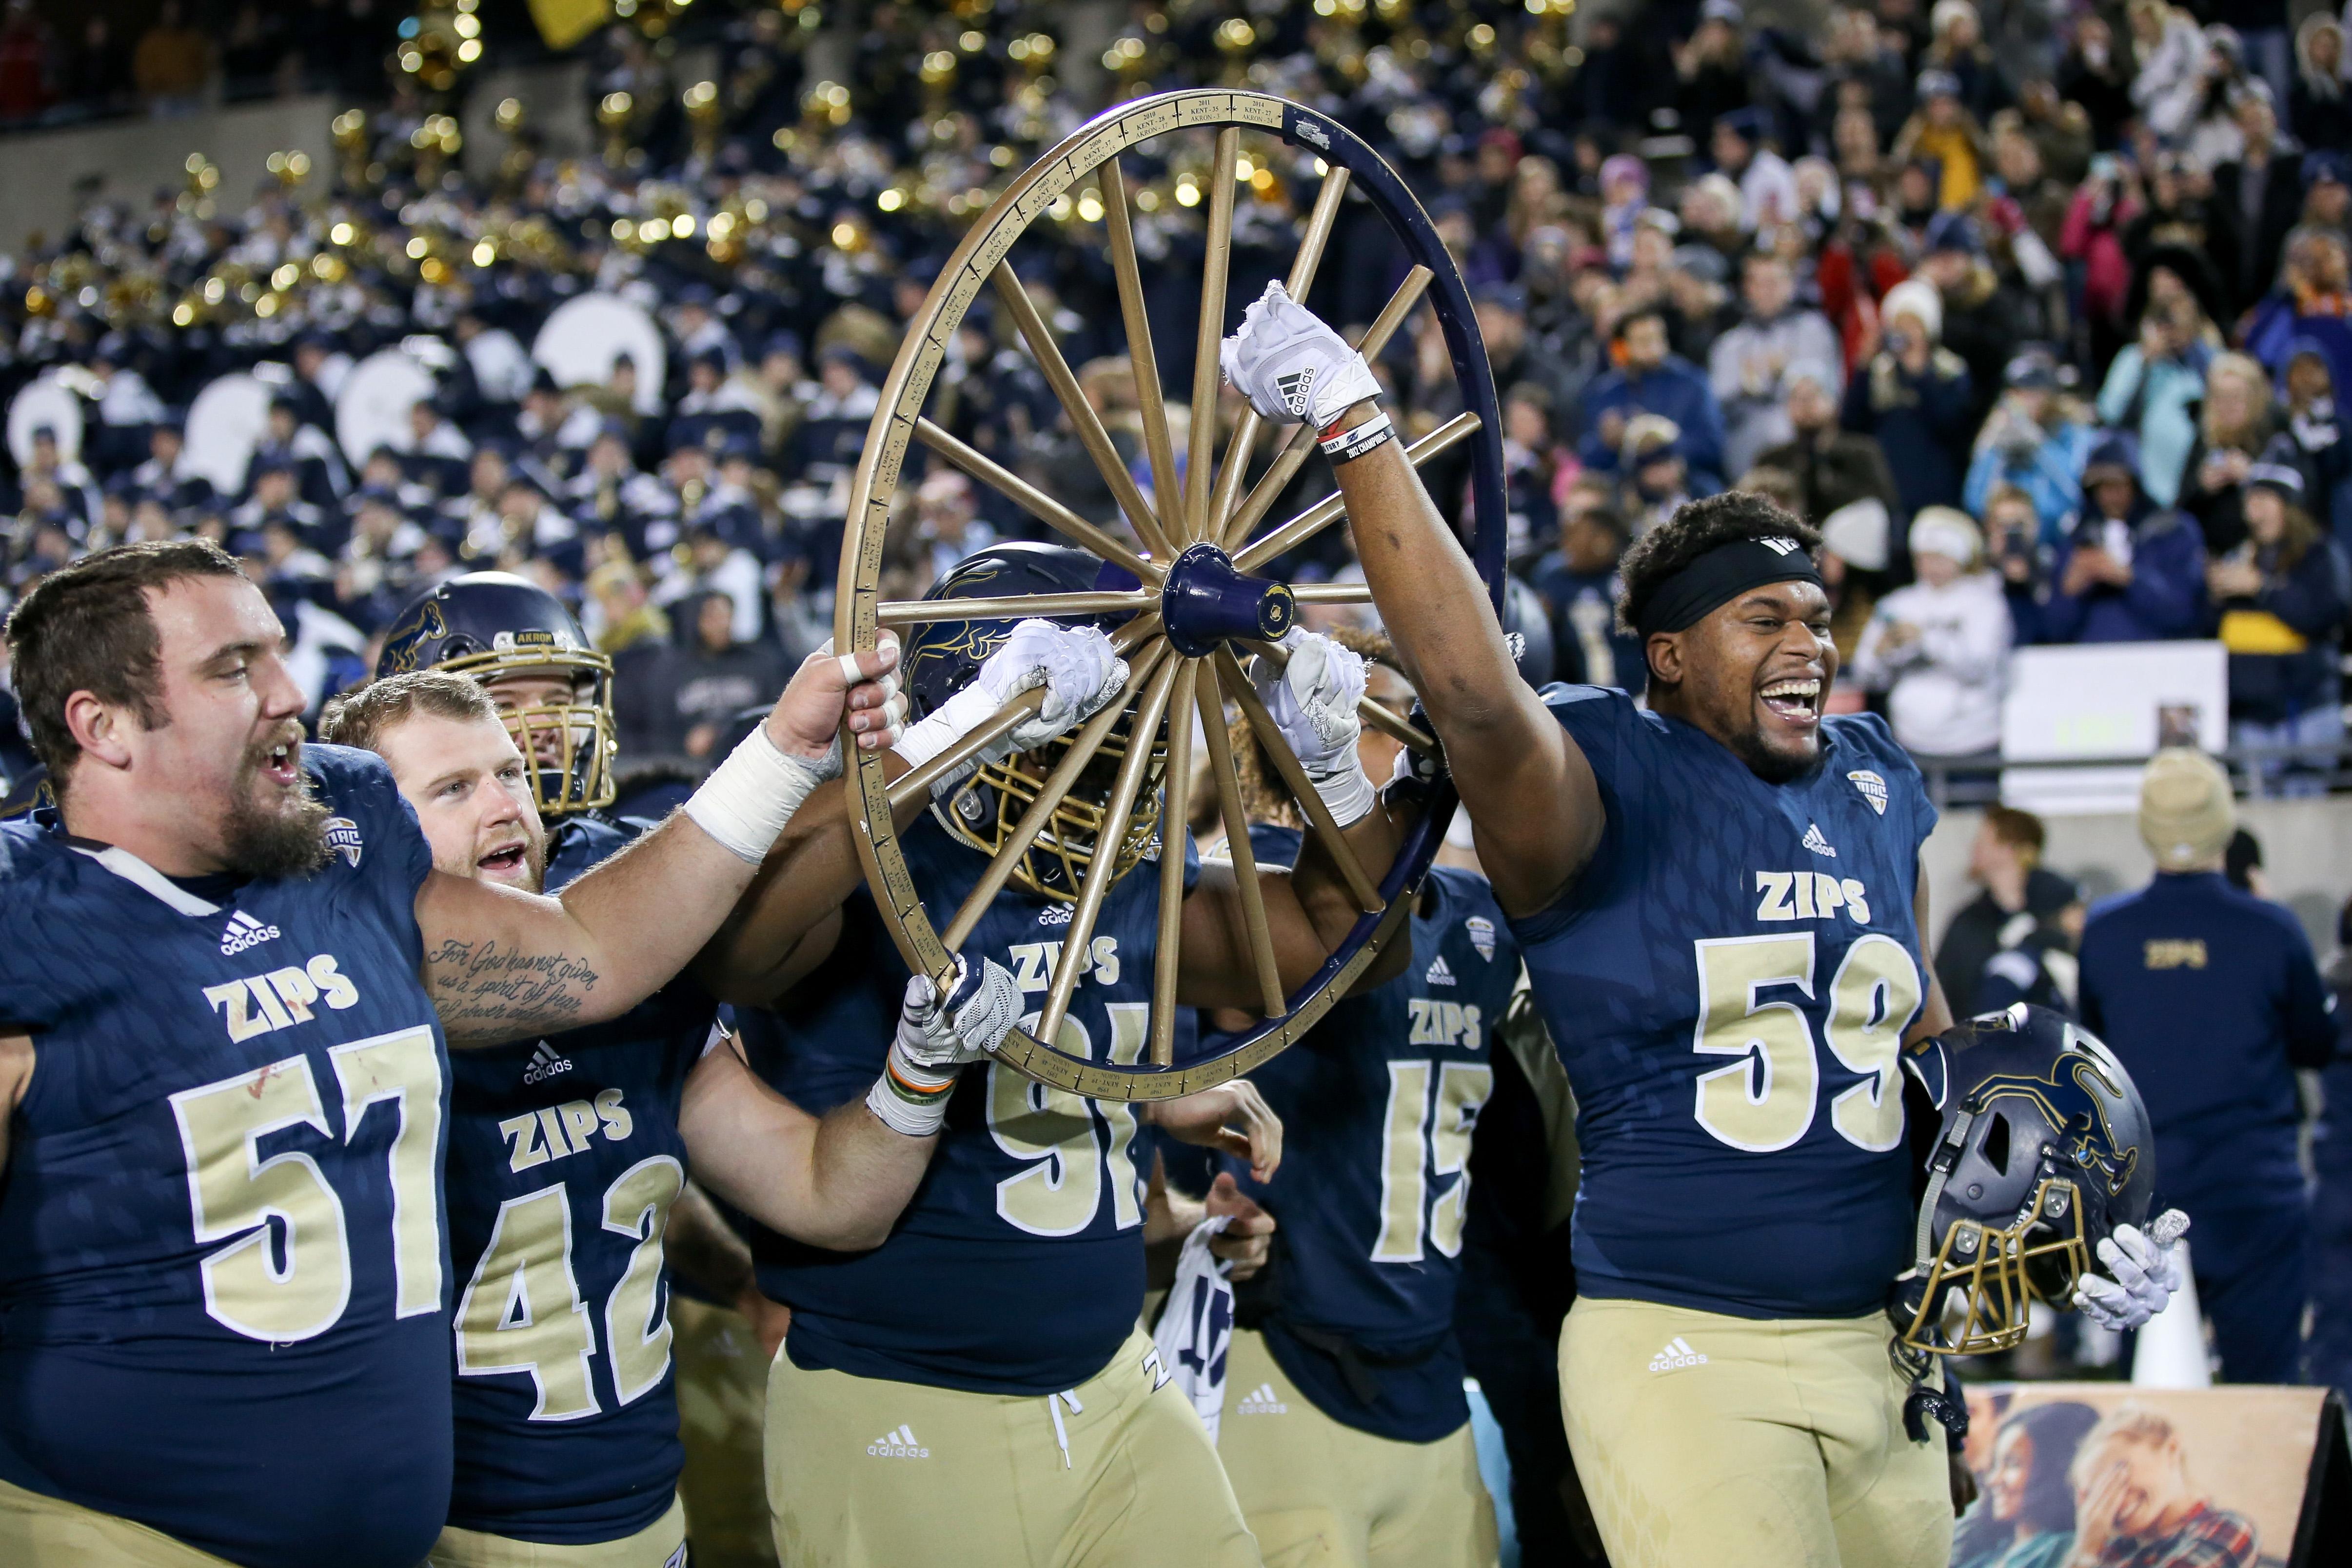 大学橄榄球赛:11月21日肯特州立大学阿克伦分校